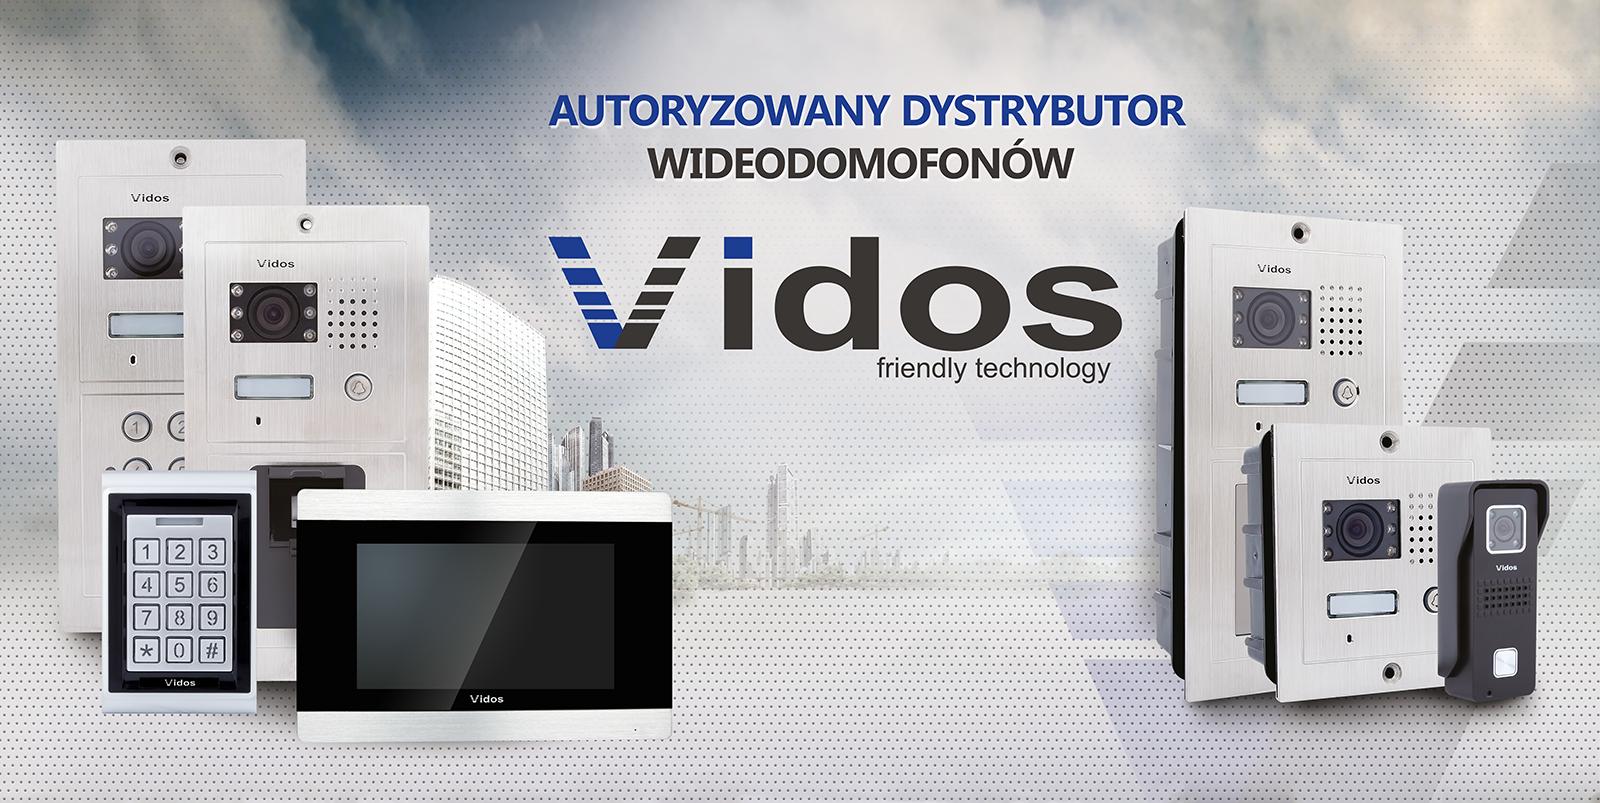 VidosSlideBanner [Bielak Systemy]